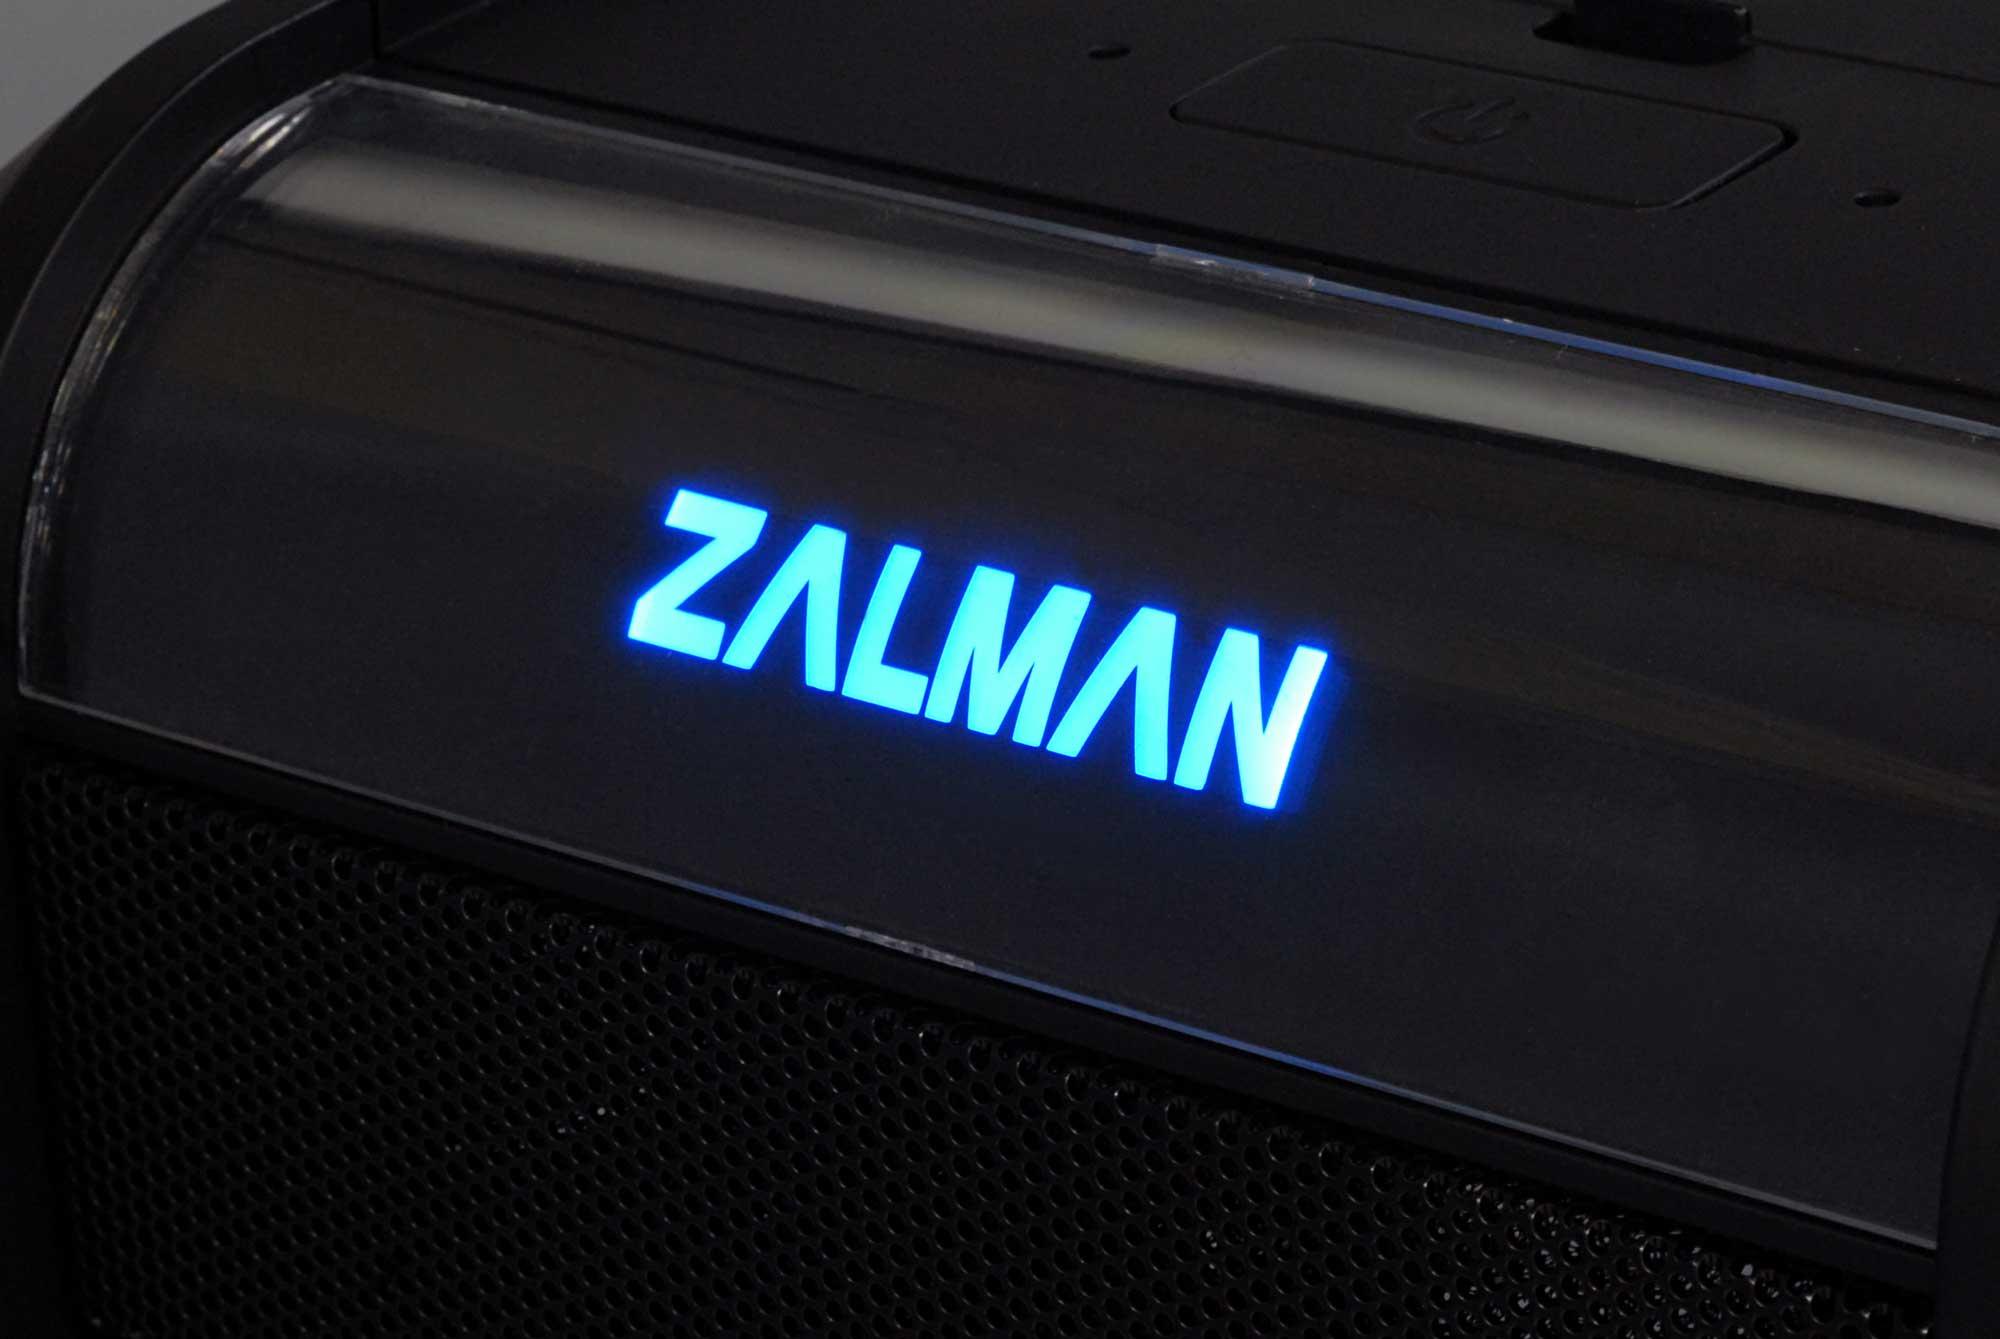 Компьютерный бренд Zalman: описание продукции